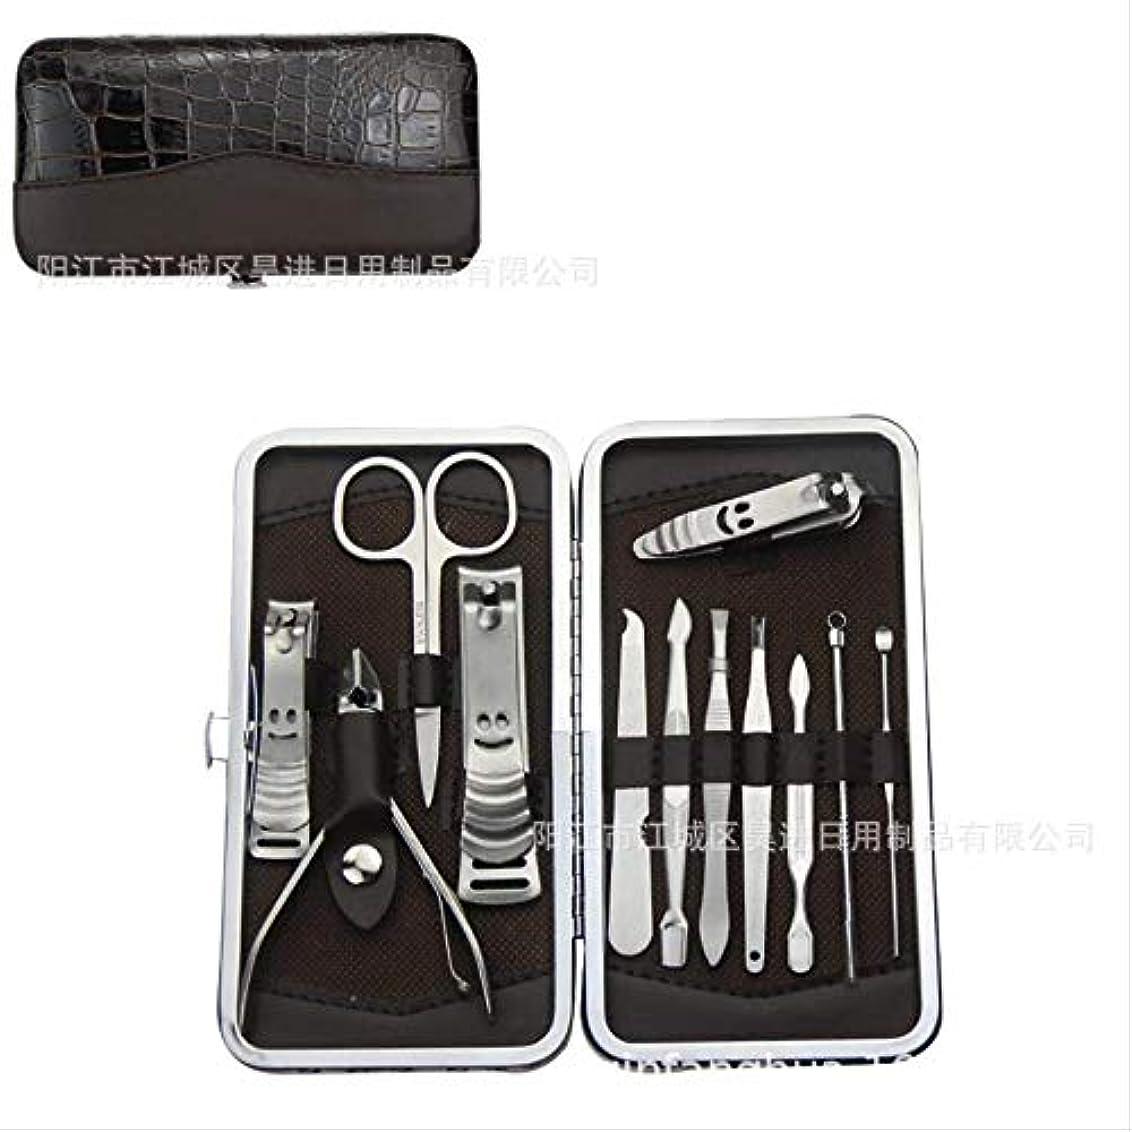 葡萄操作可能光沢のある爪切りセット12ステンレス鋼爪切りセット美容マニキュアツール爪切り爪やすり 明るい茶色のワニステンレス鋼はツーピースです